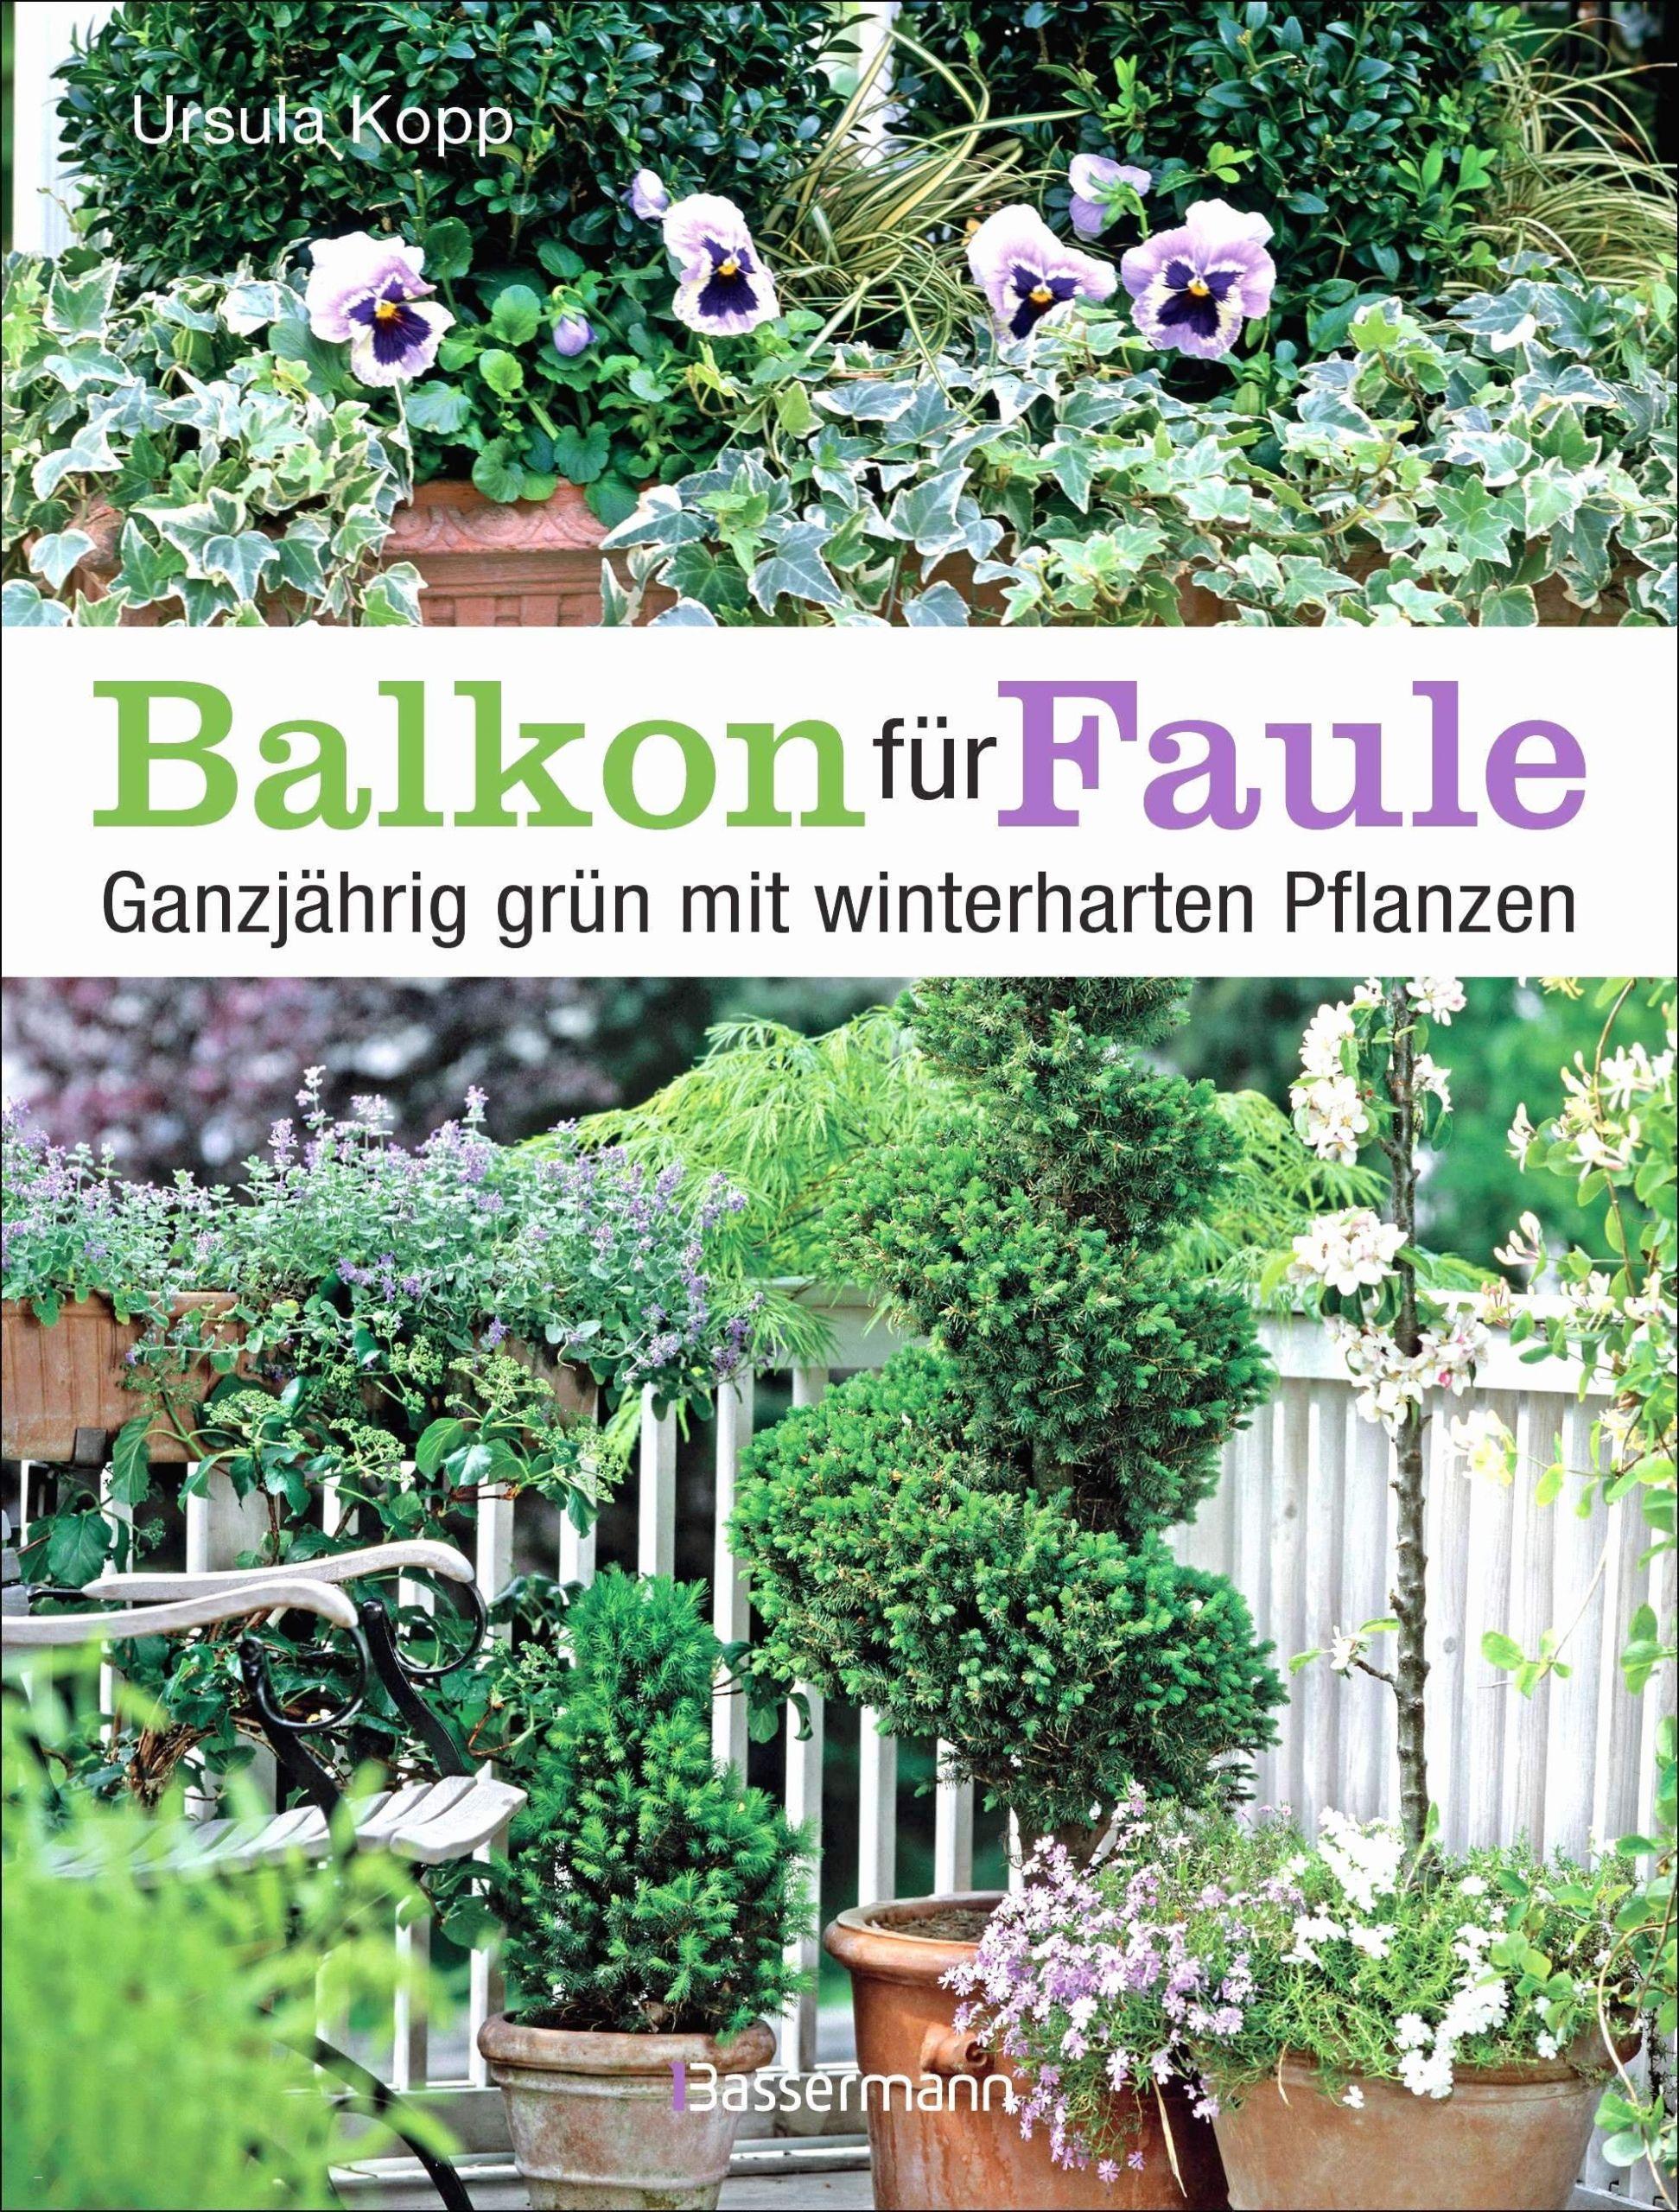 pflanzen im garten schon 51 garden design alexstand of pflanzen im garten scaled